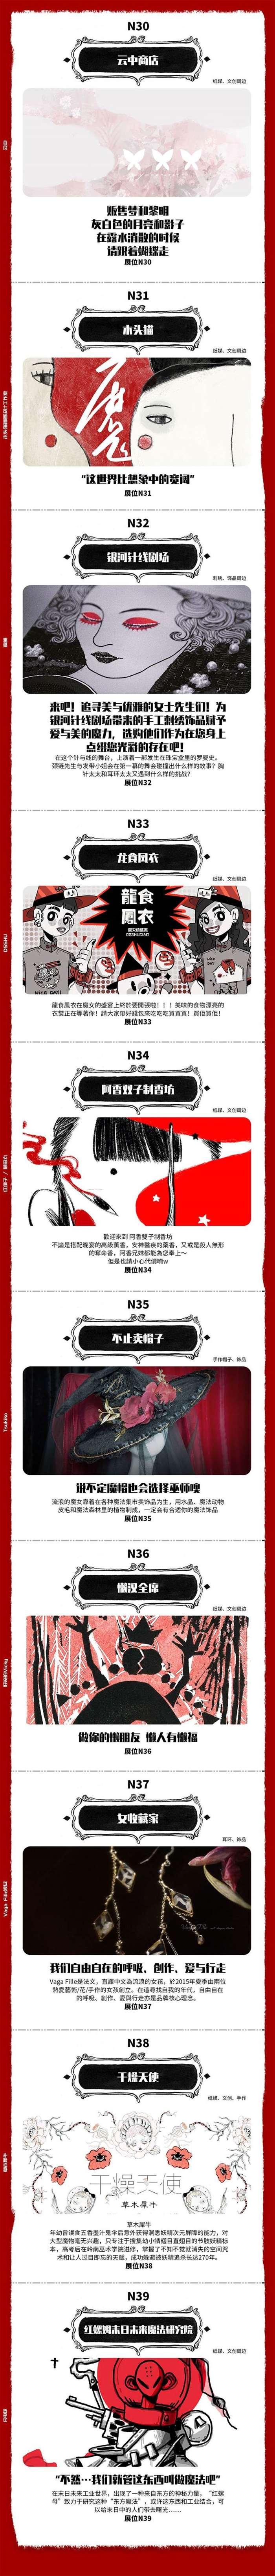 魔女盛宴二正式宣传广告4wb4.jpg